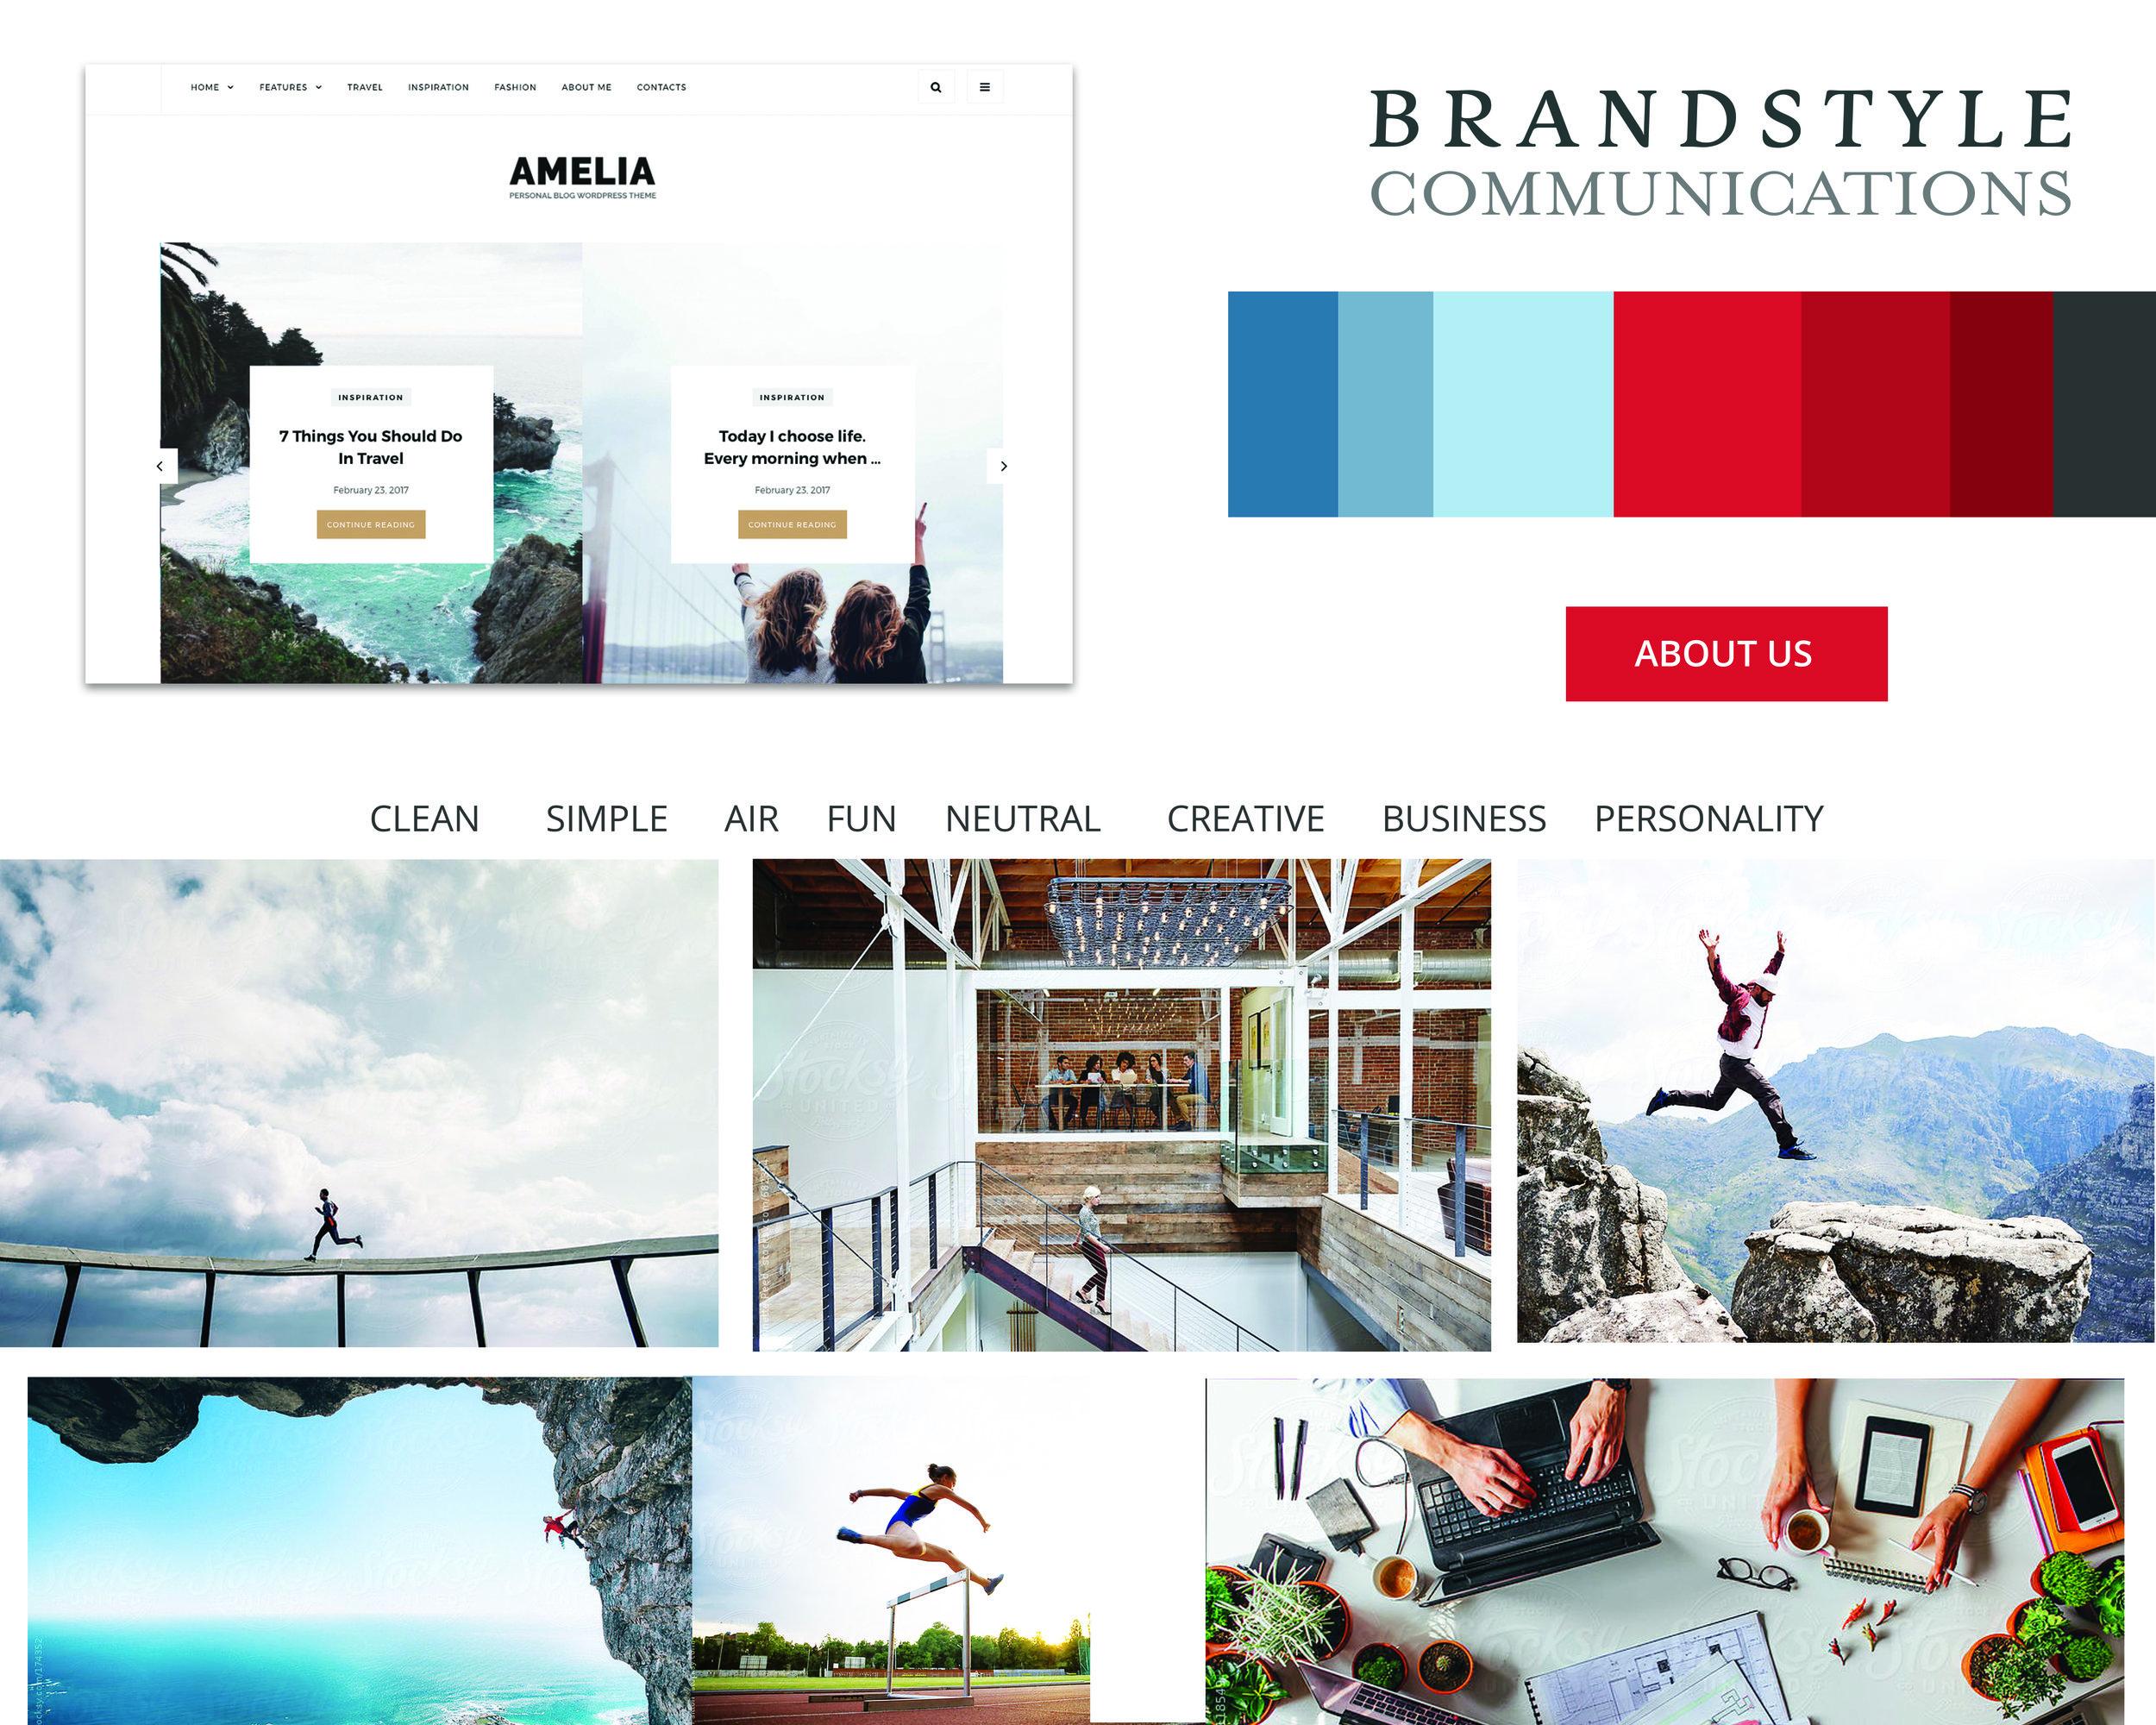 Brandstyle Communications Mood Board v5.2 .jpg